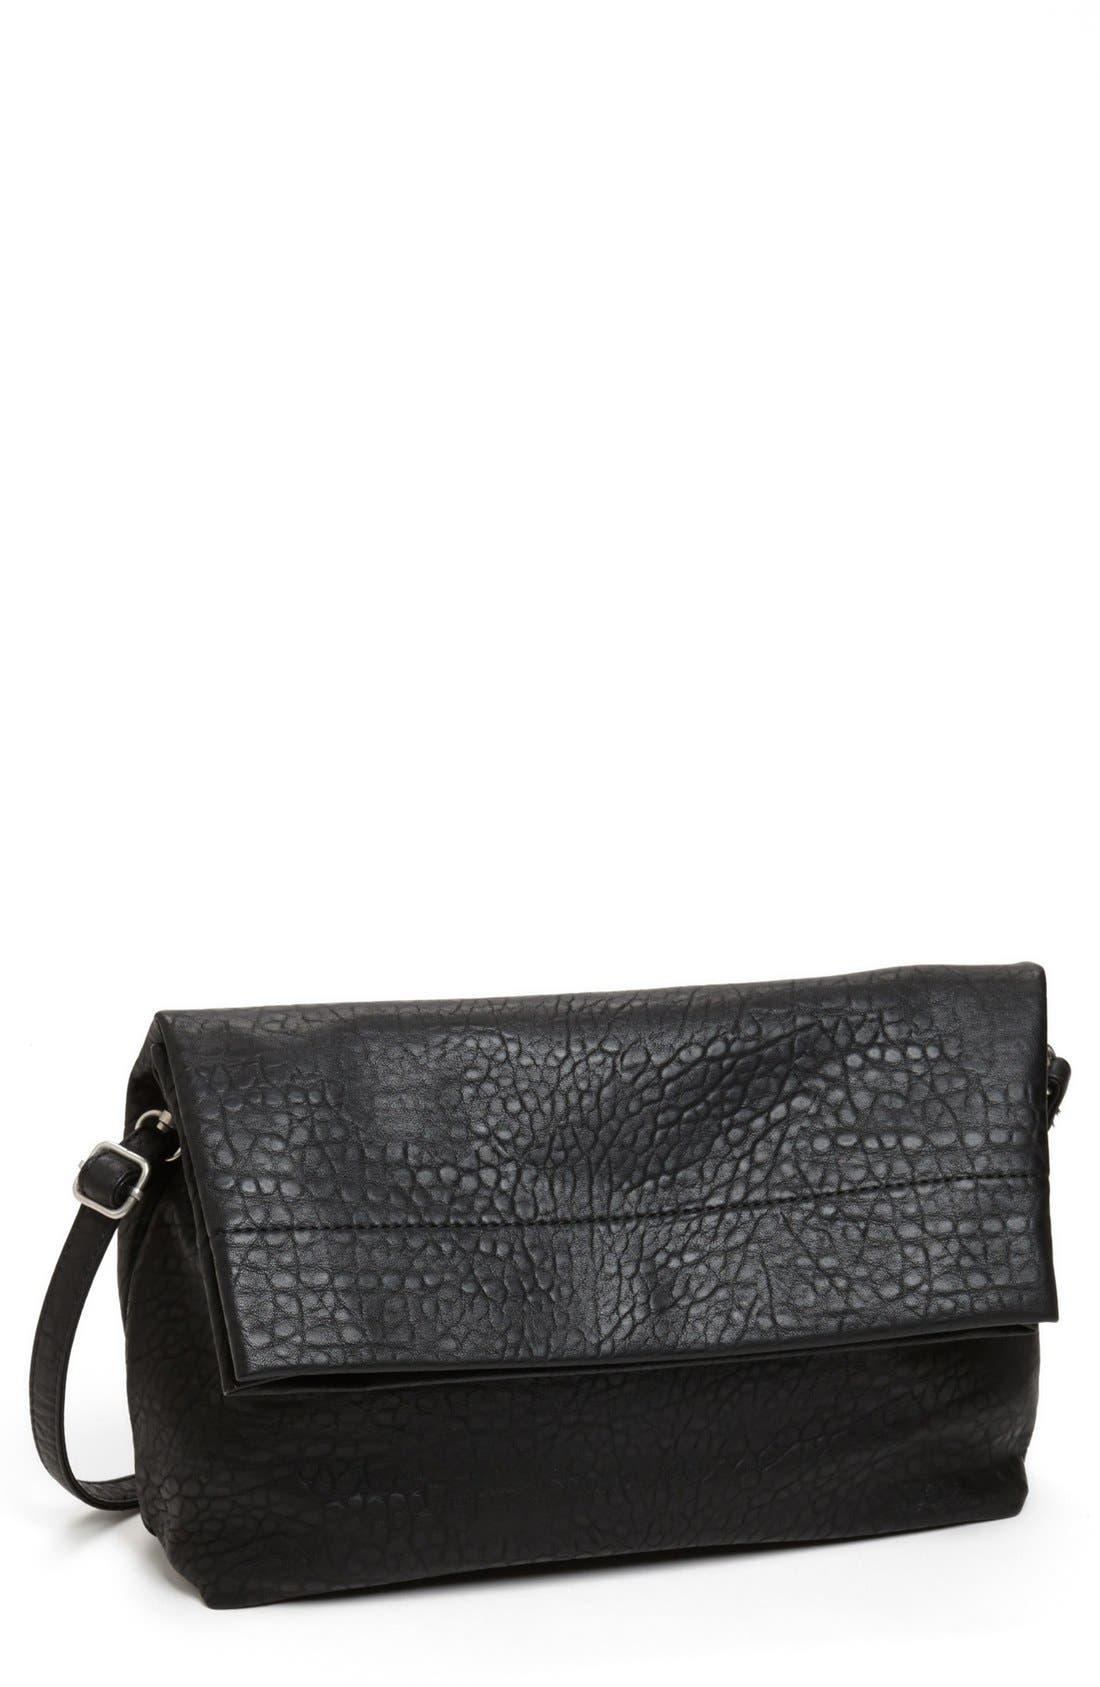 Main Image - Street Level Foldover Crossbody Bag (Juniors) (Online Only)